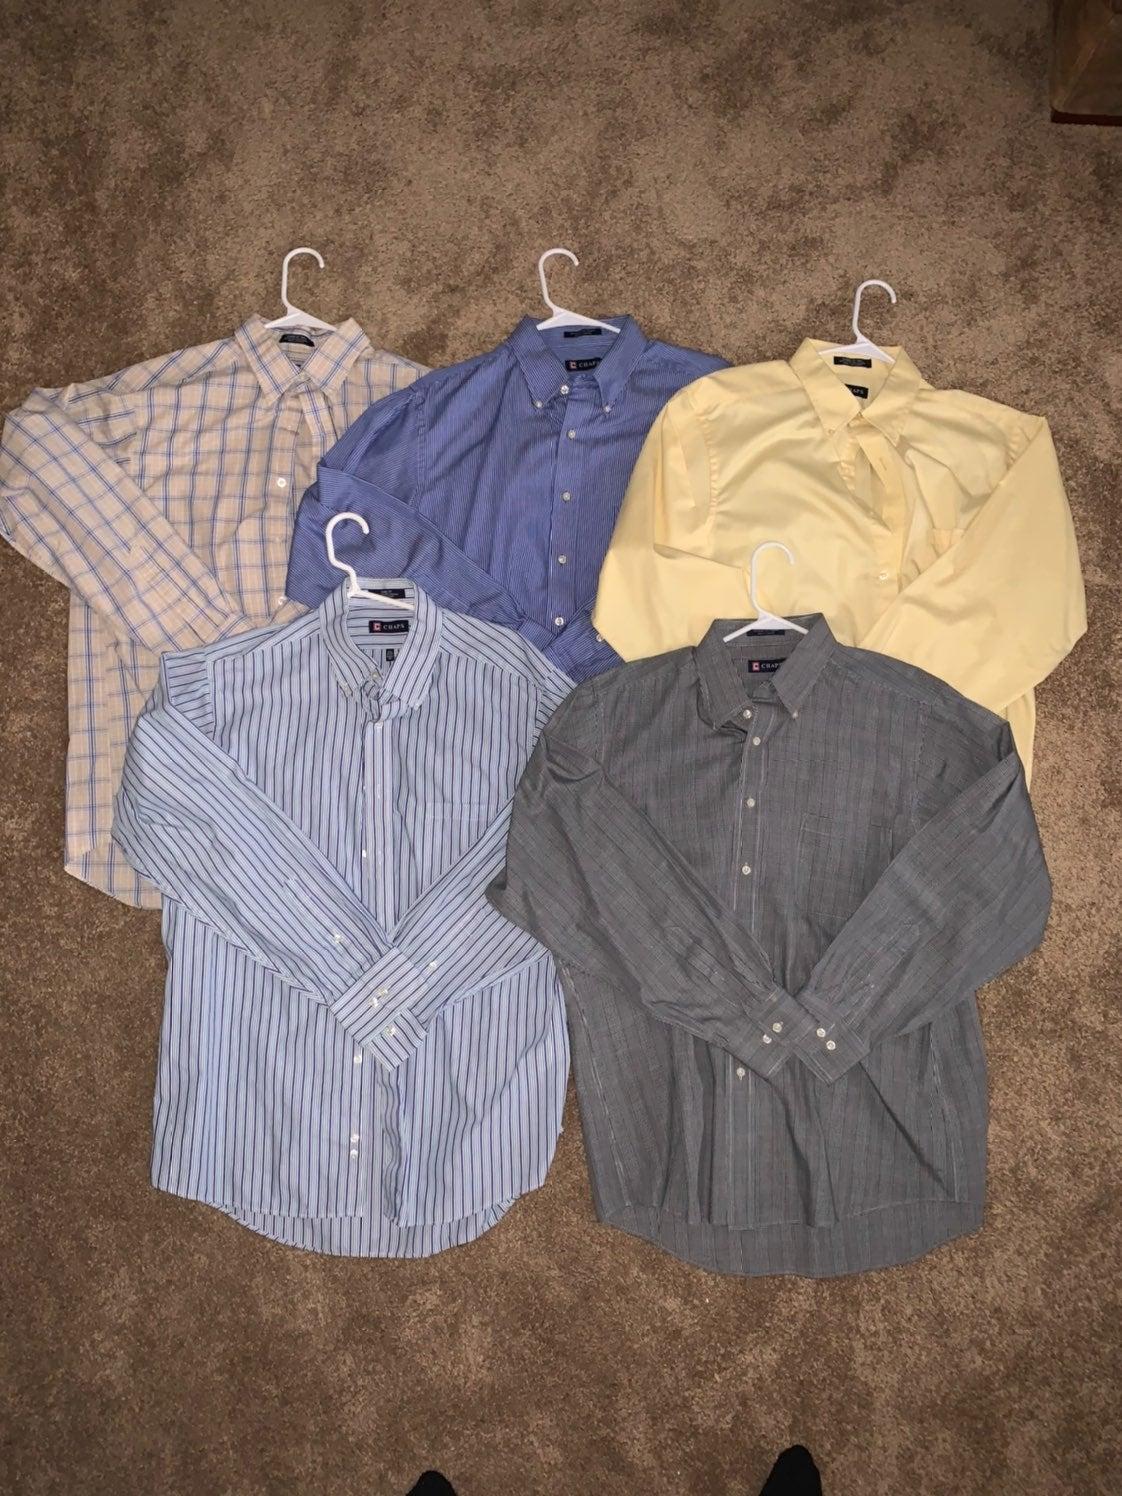 5 Chaps Dress Shirts 16-16.5 34/35